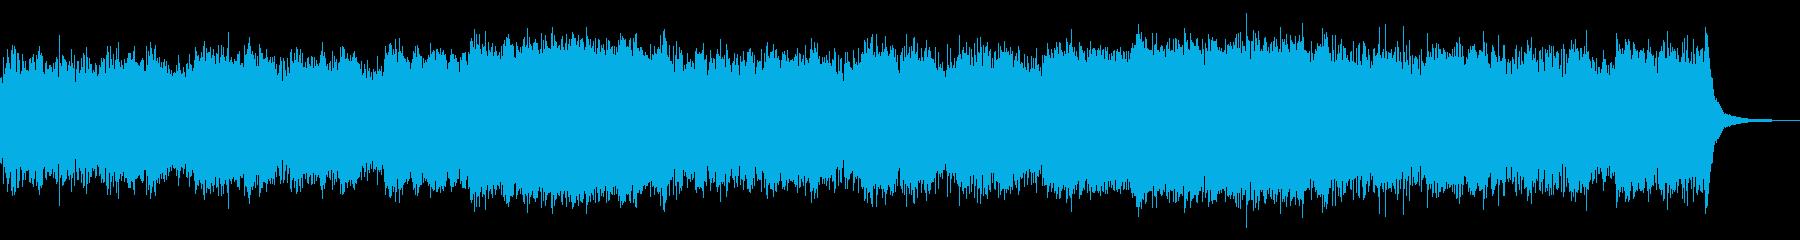 海底をイメージした切なく美しい幻想曲の再生済みの波形